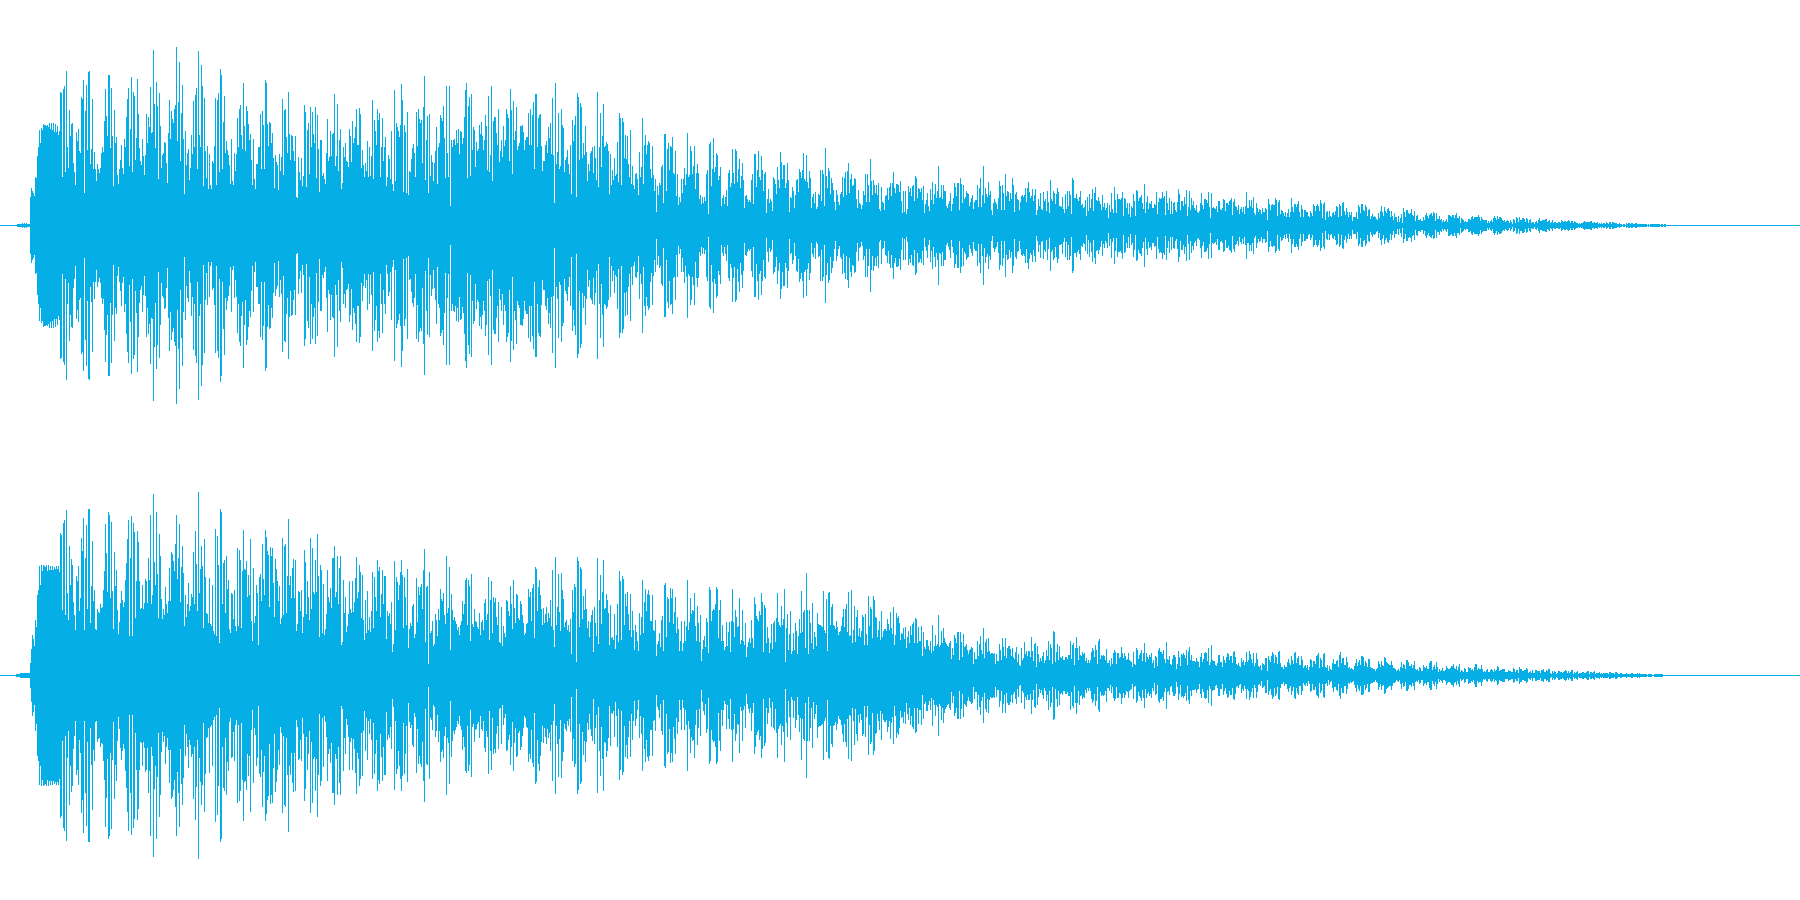 ピポーン(軽やかに響くお知らせ音)の再生済みの波形